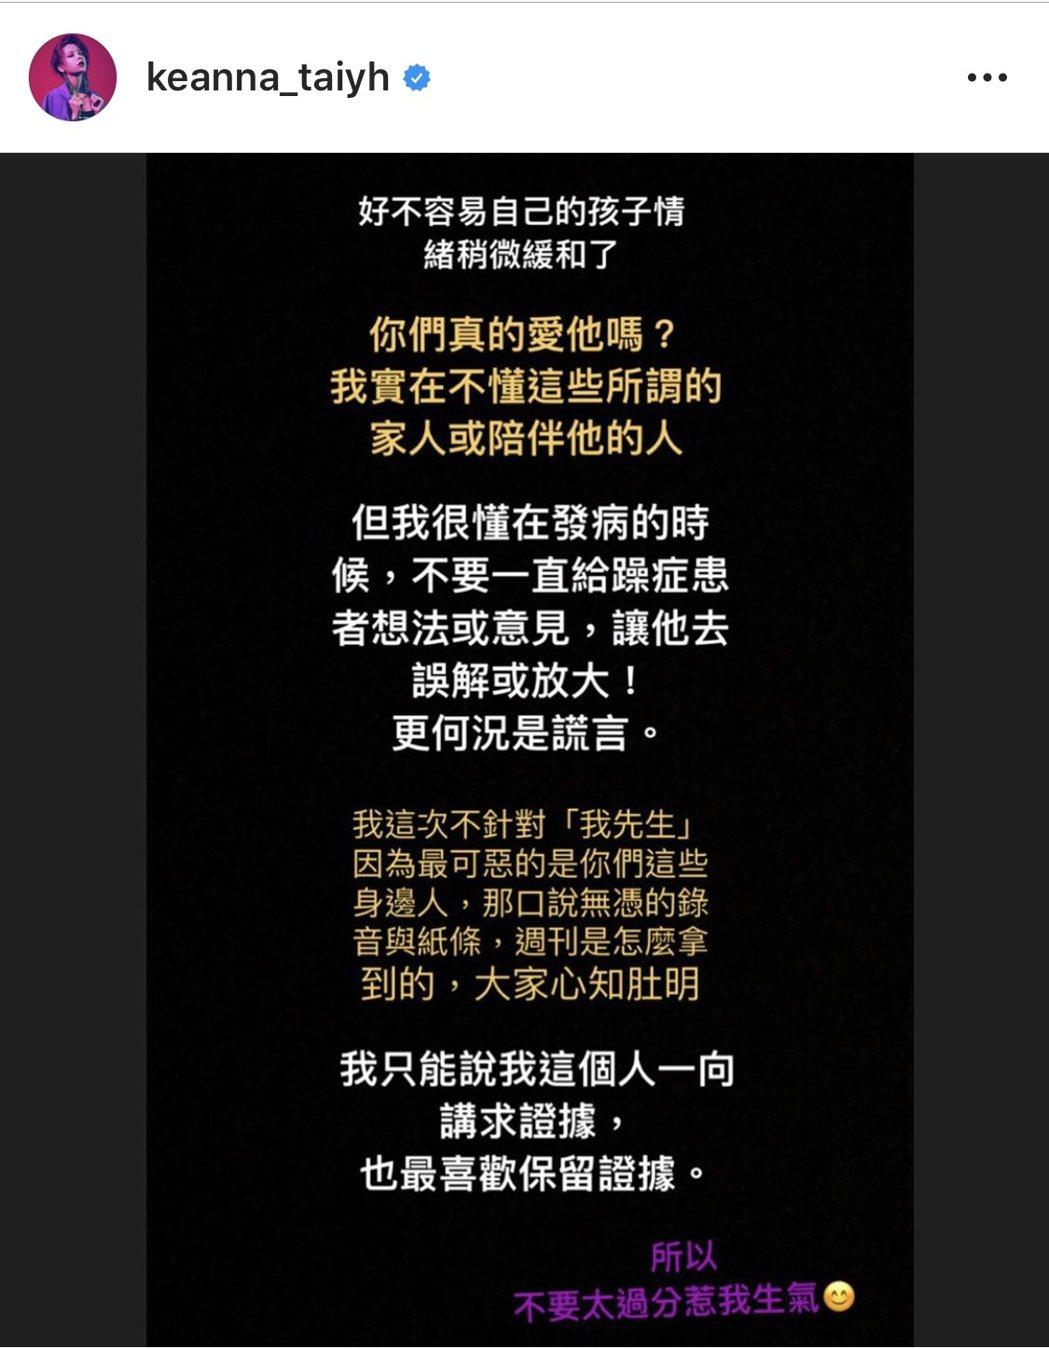 Keanna怒批爆料者「三觀不正」。圖/摘自IG